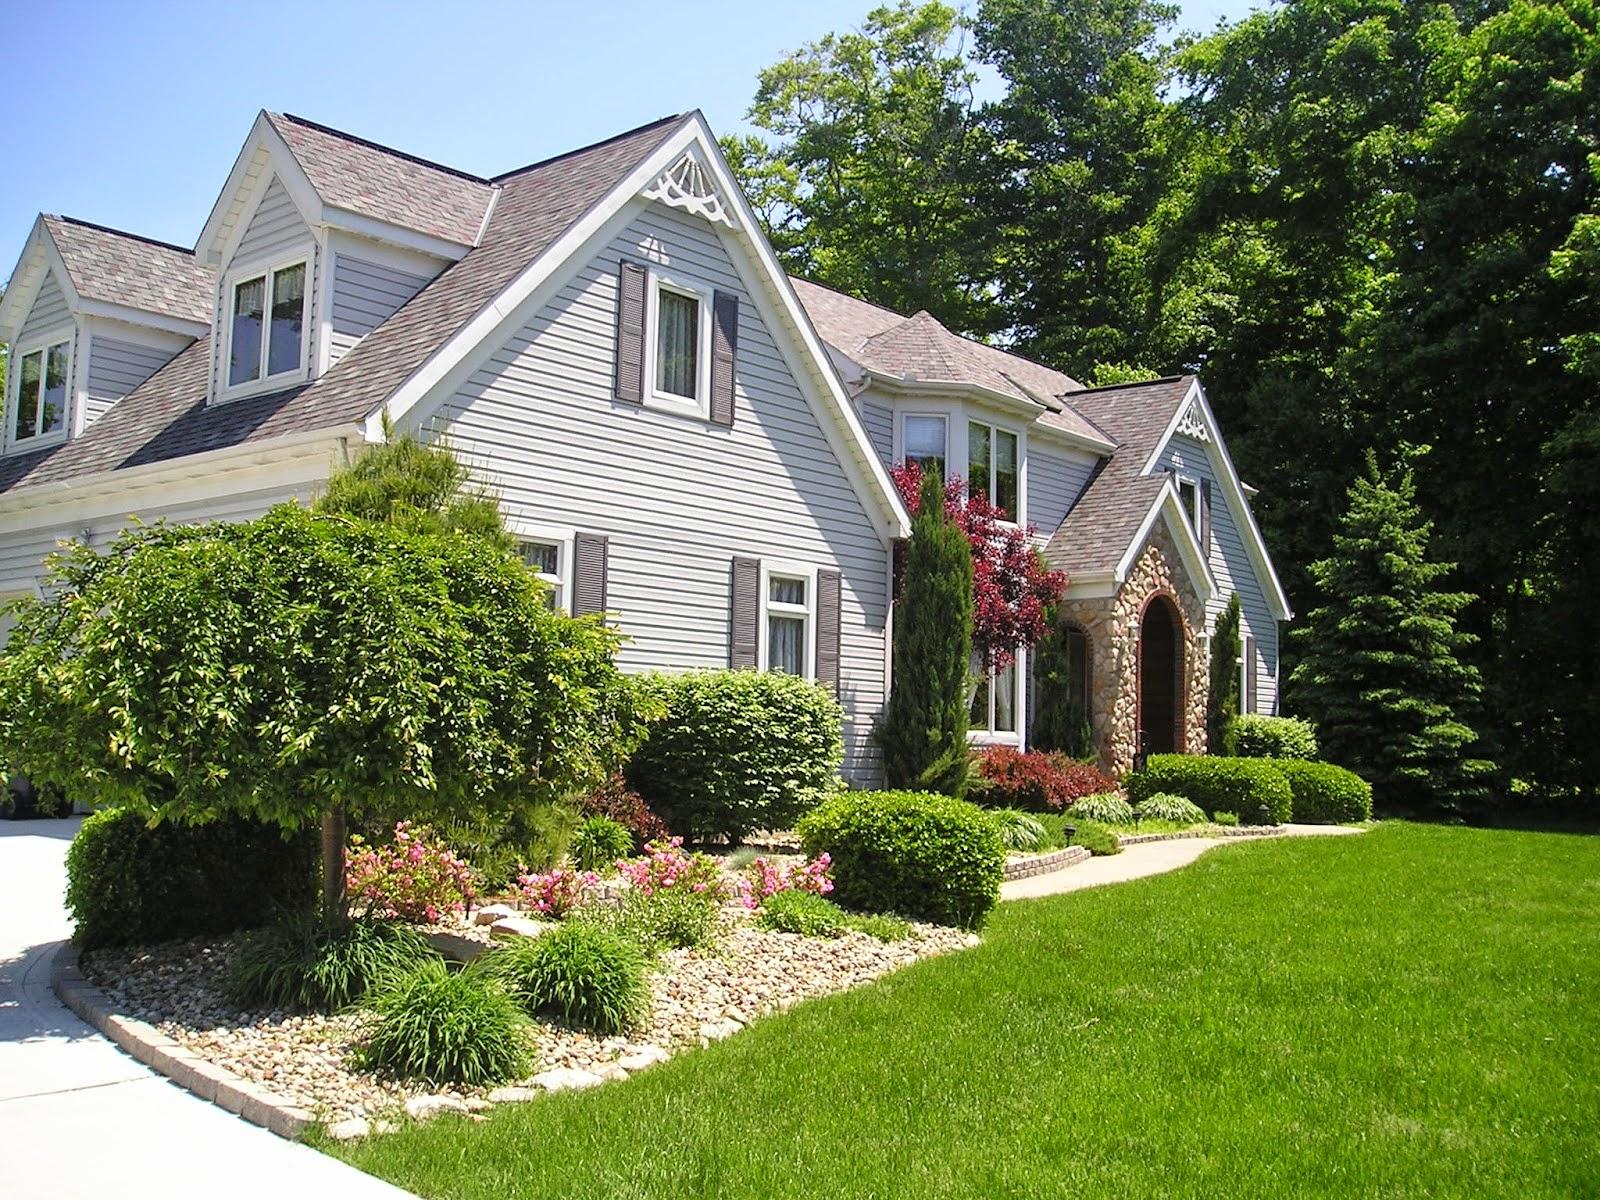 garden design ideas front house photo - 10